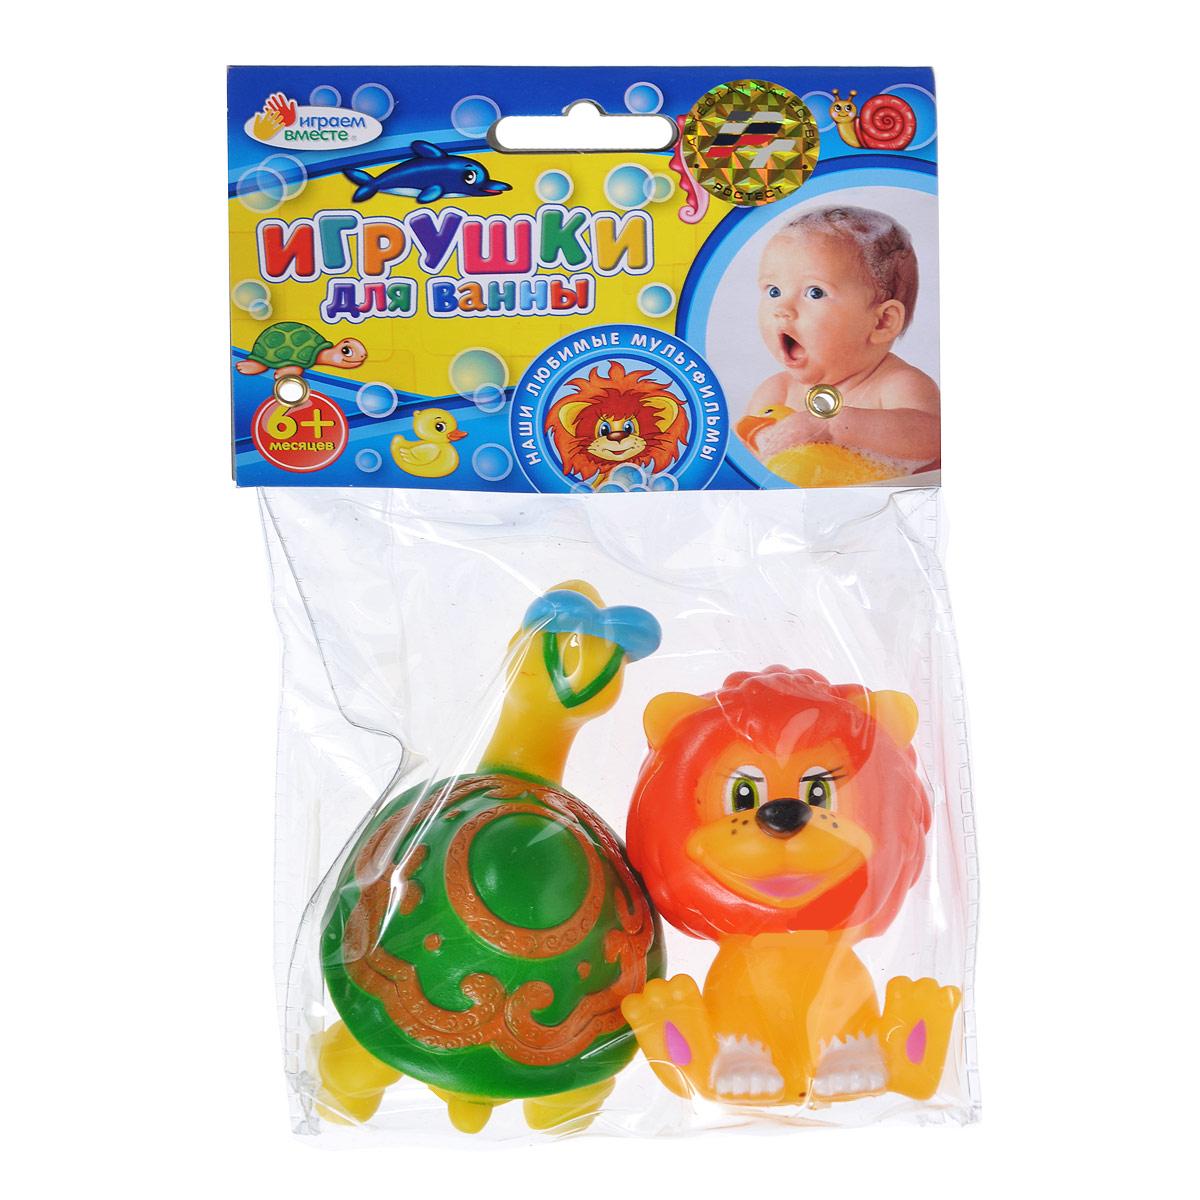 Набор игрушек для ванны Играем вместе Львенок и Черепаха, 2 шт